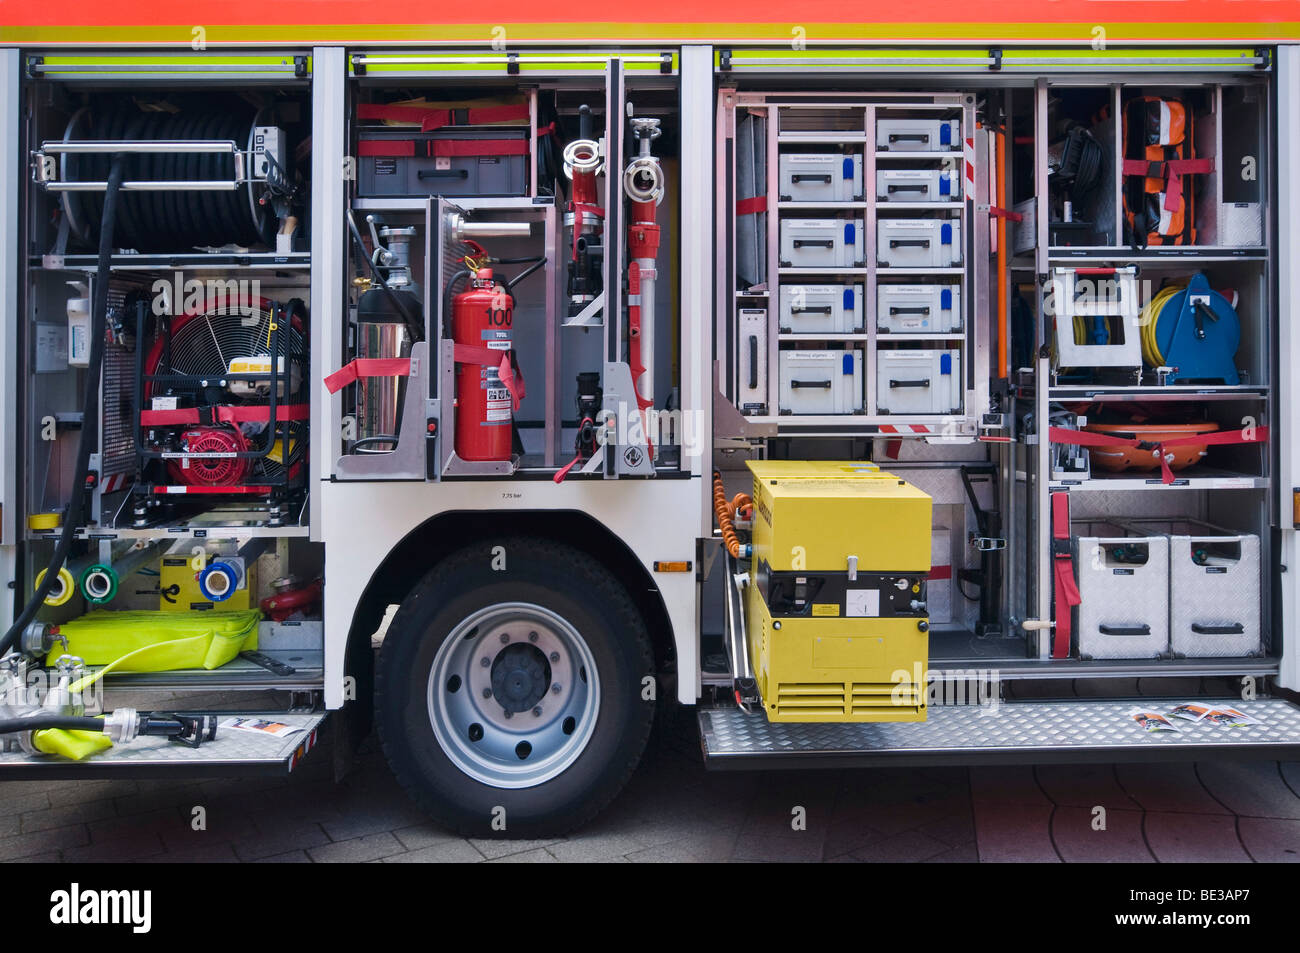 Il materiale veicolo di soccorso, con un estintore e il magazzino utensili Immagini Stock